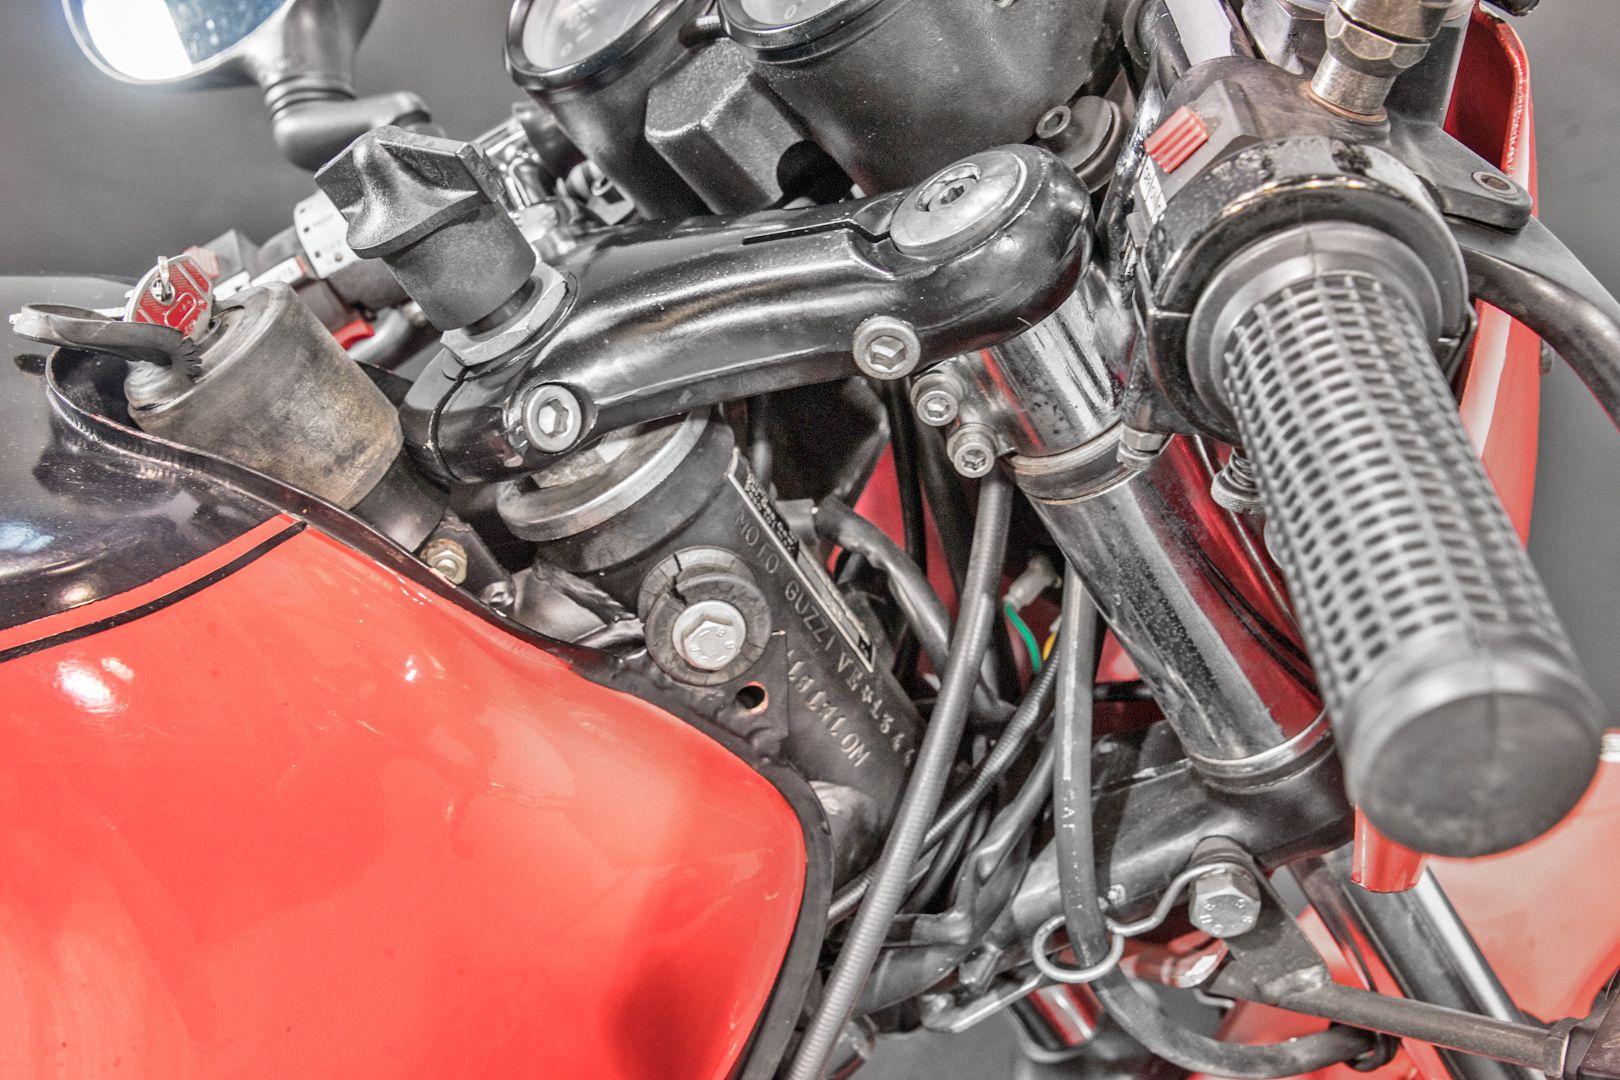 1977 Moto Guzzi Le Mans VE 850 41852